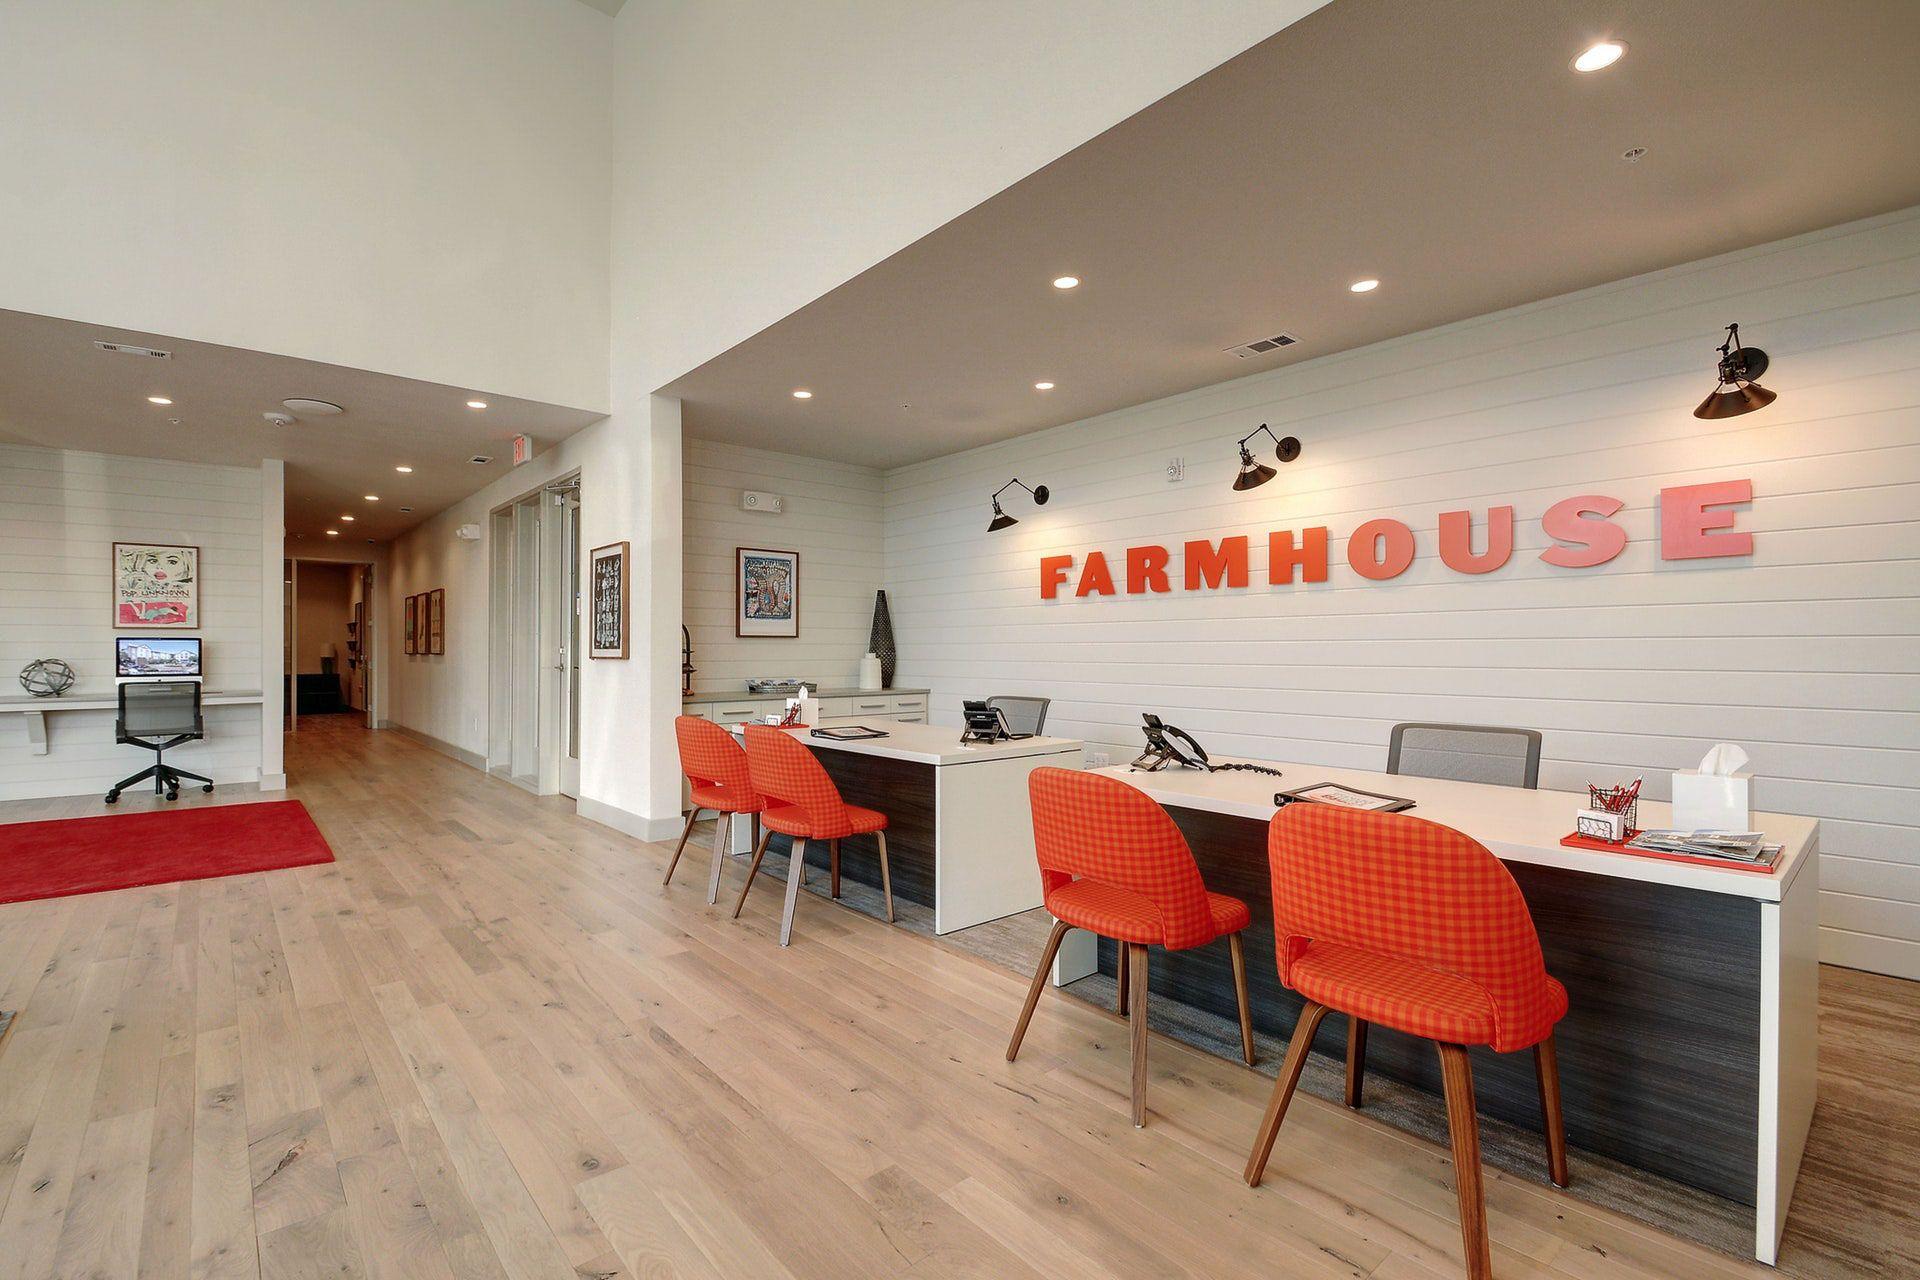 Farmhouse004-246716-FarmHouse 04_5611741Web.jpg